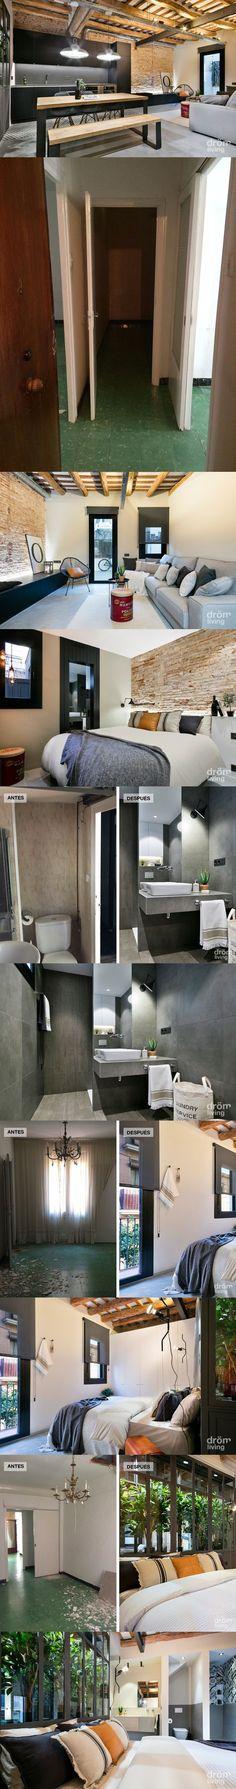 De viejo apartamento a hogar con estilo agradable / http://www.dromliving.com/